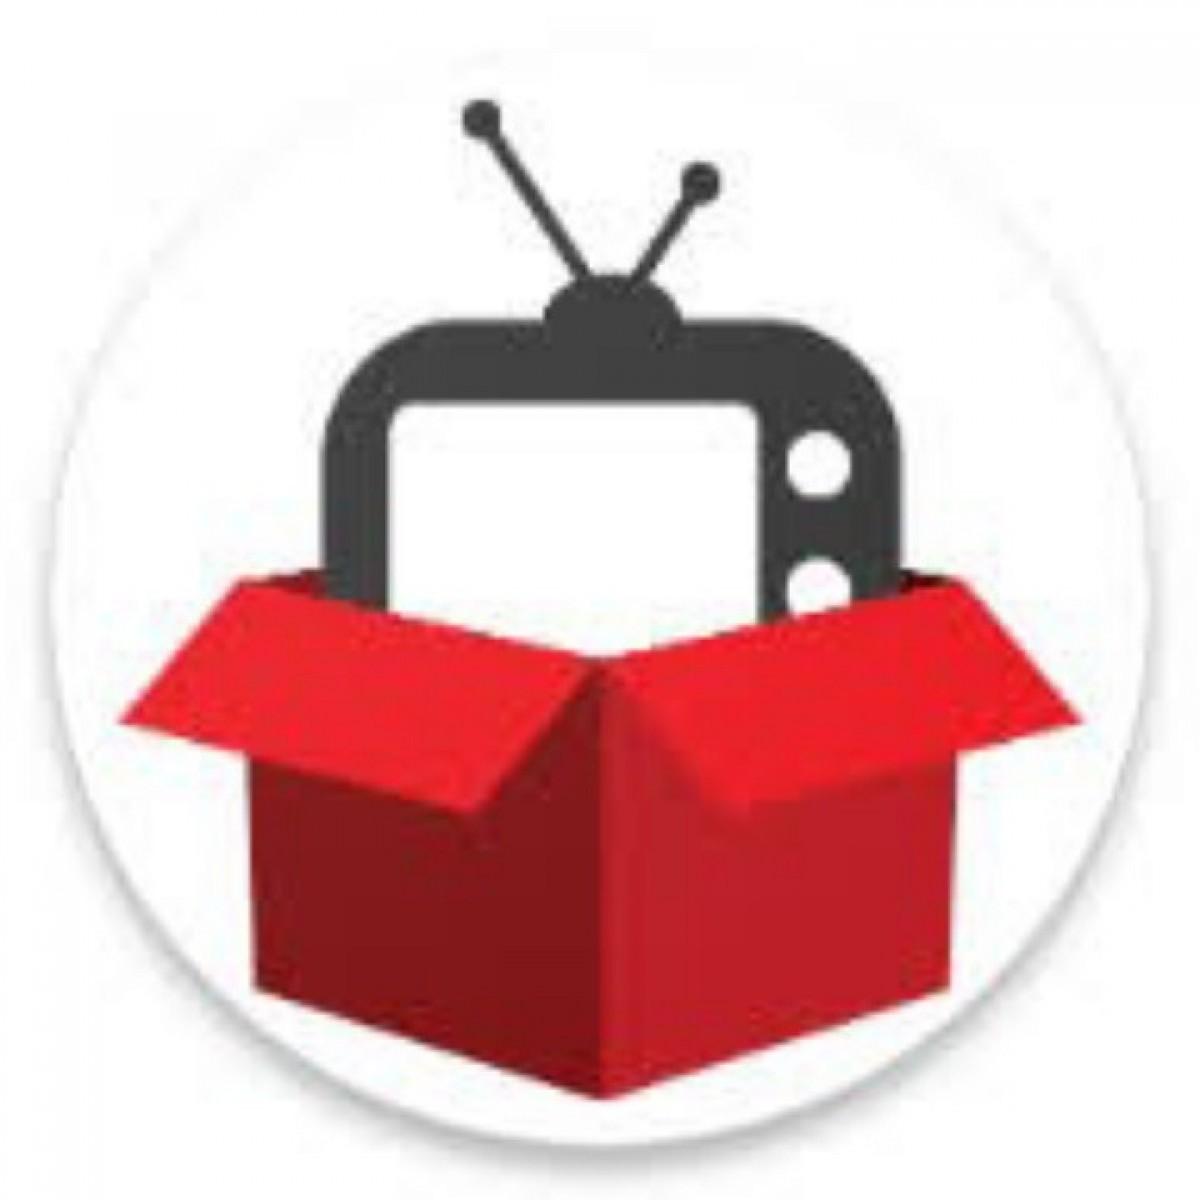 تحميل برنامج redbox tv أحدث إصدار